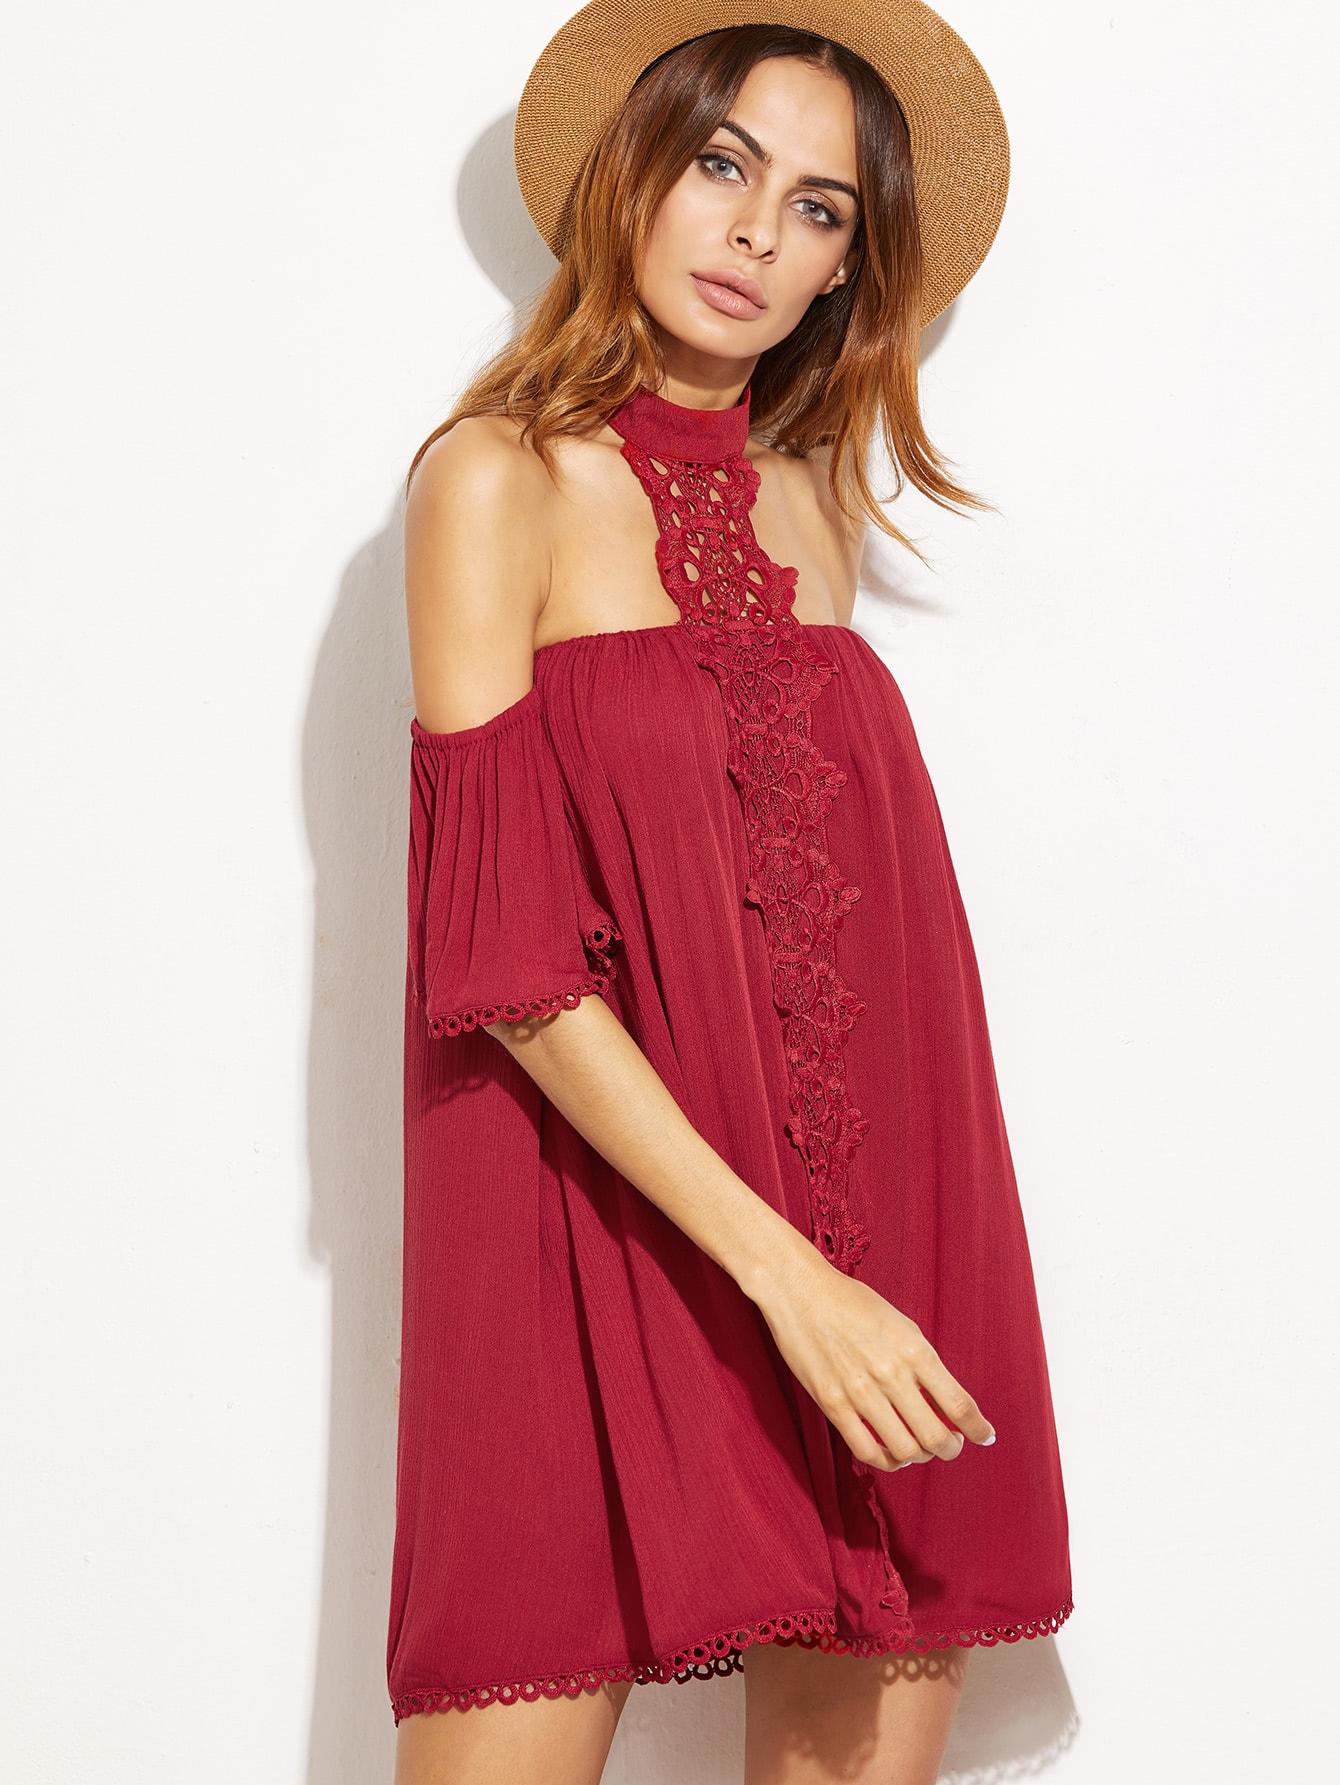 dress161110452_2